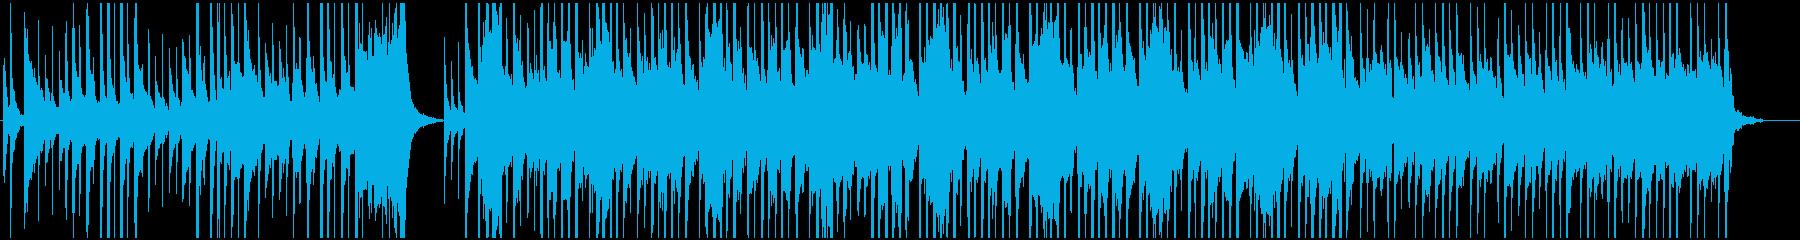 サルサ、ラテン系のジャズ、トランペット曲の再生済みの波形